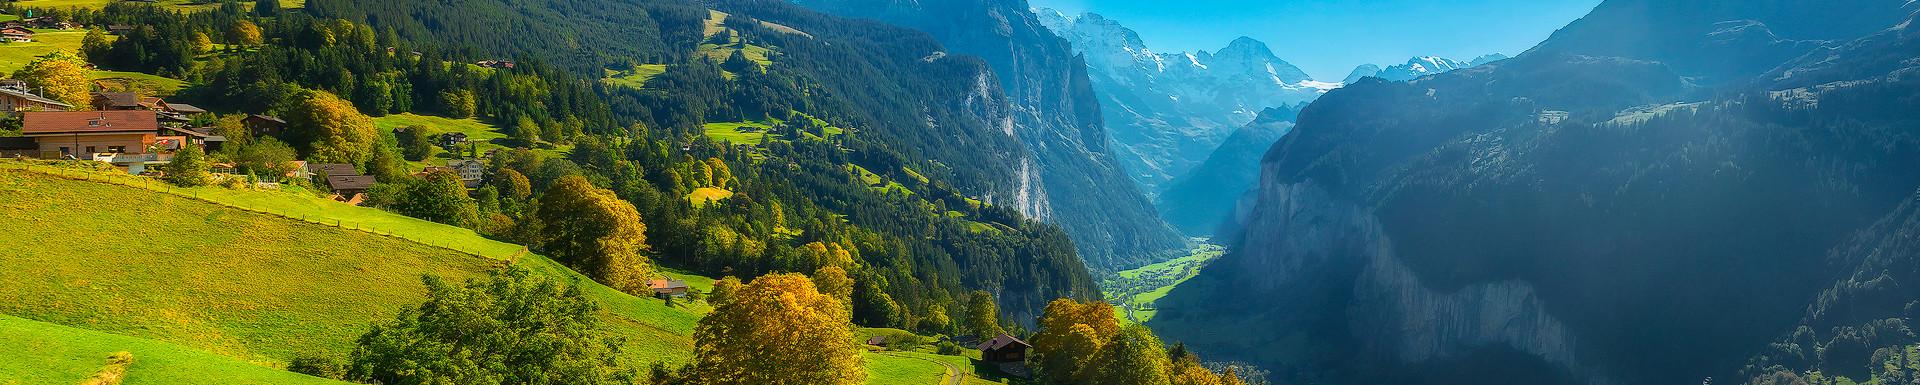 Jungfrau Autumn